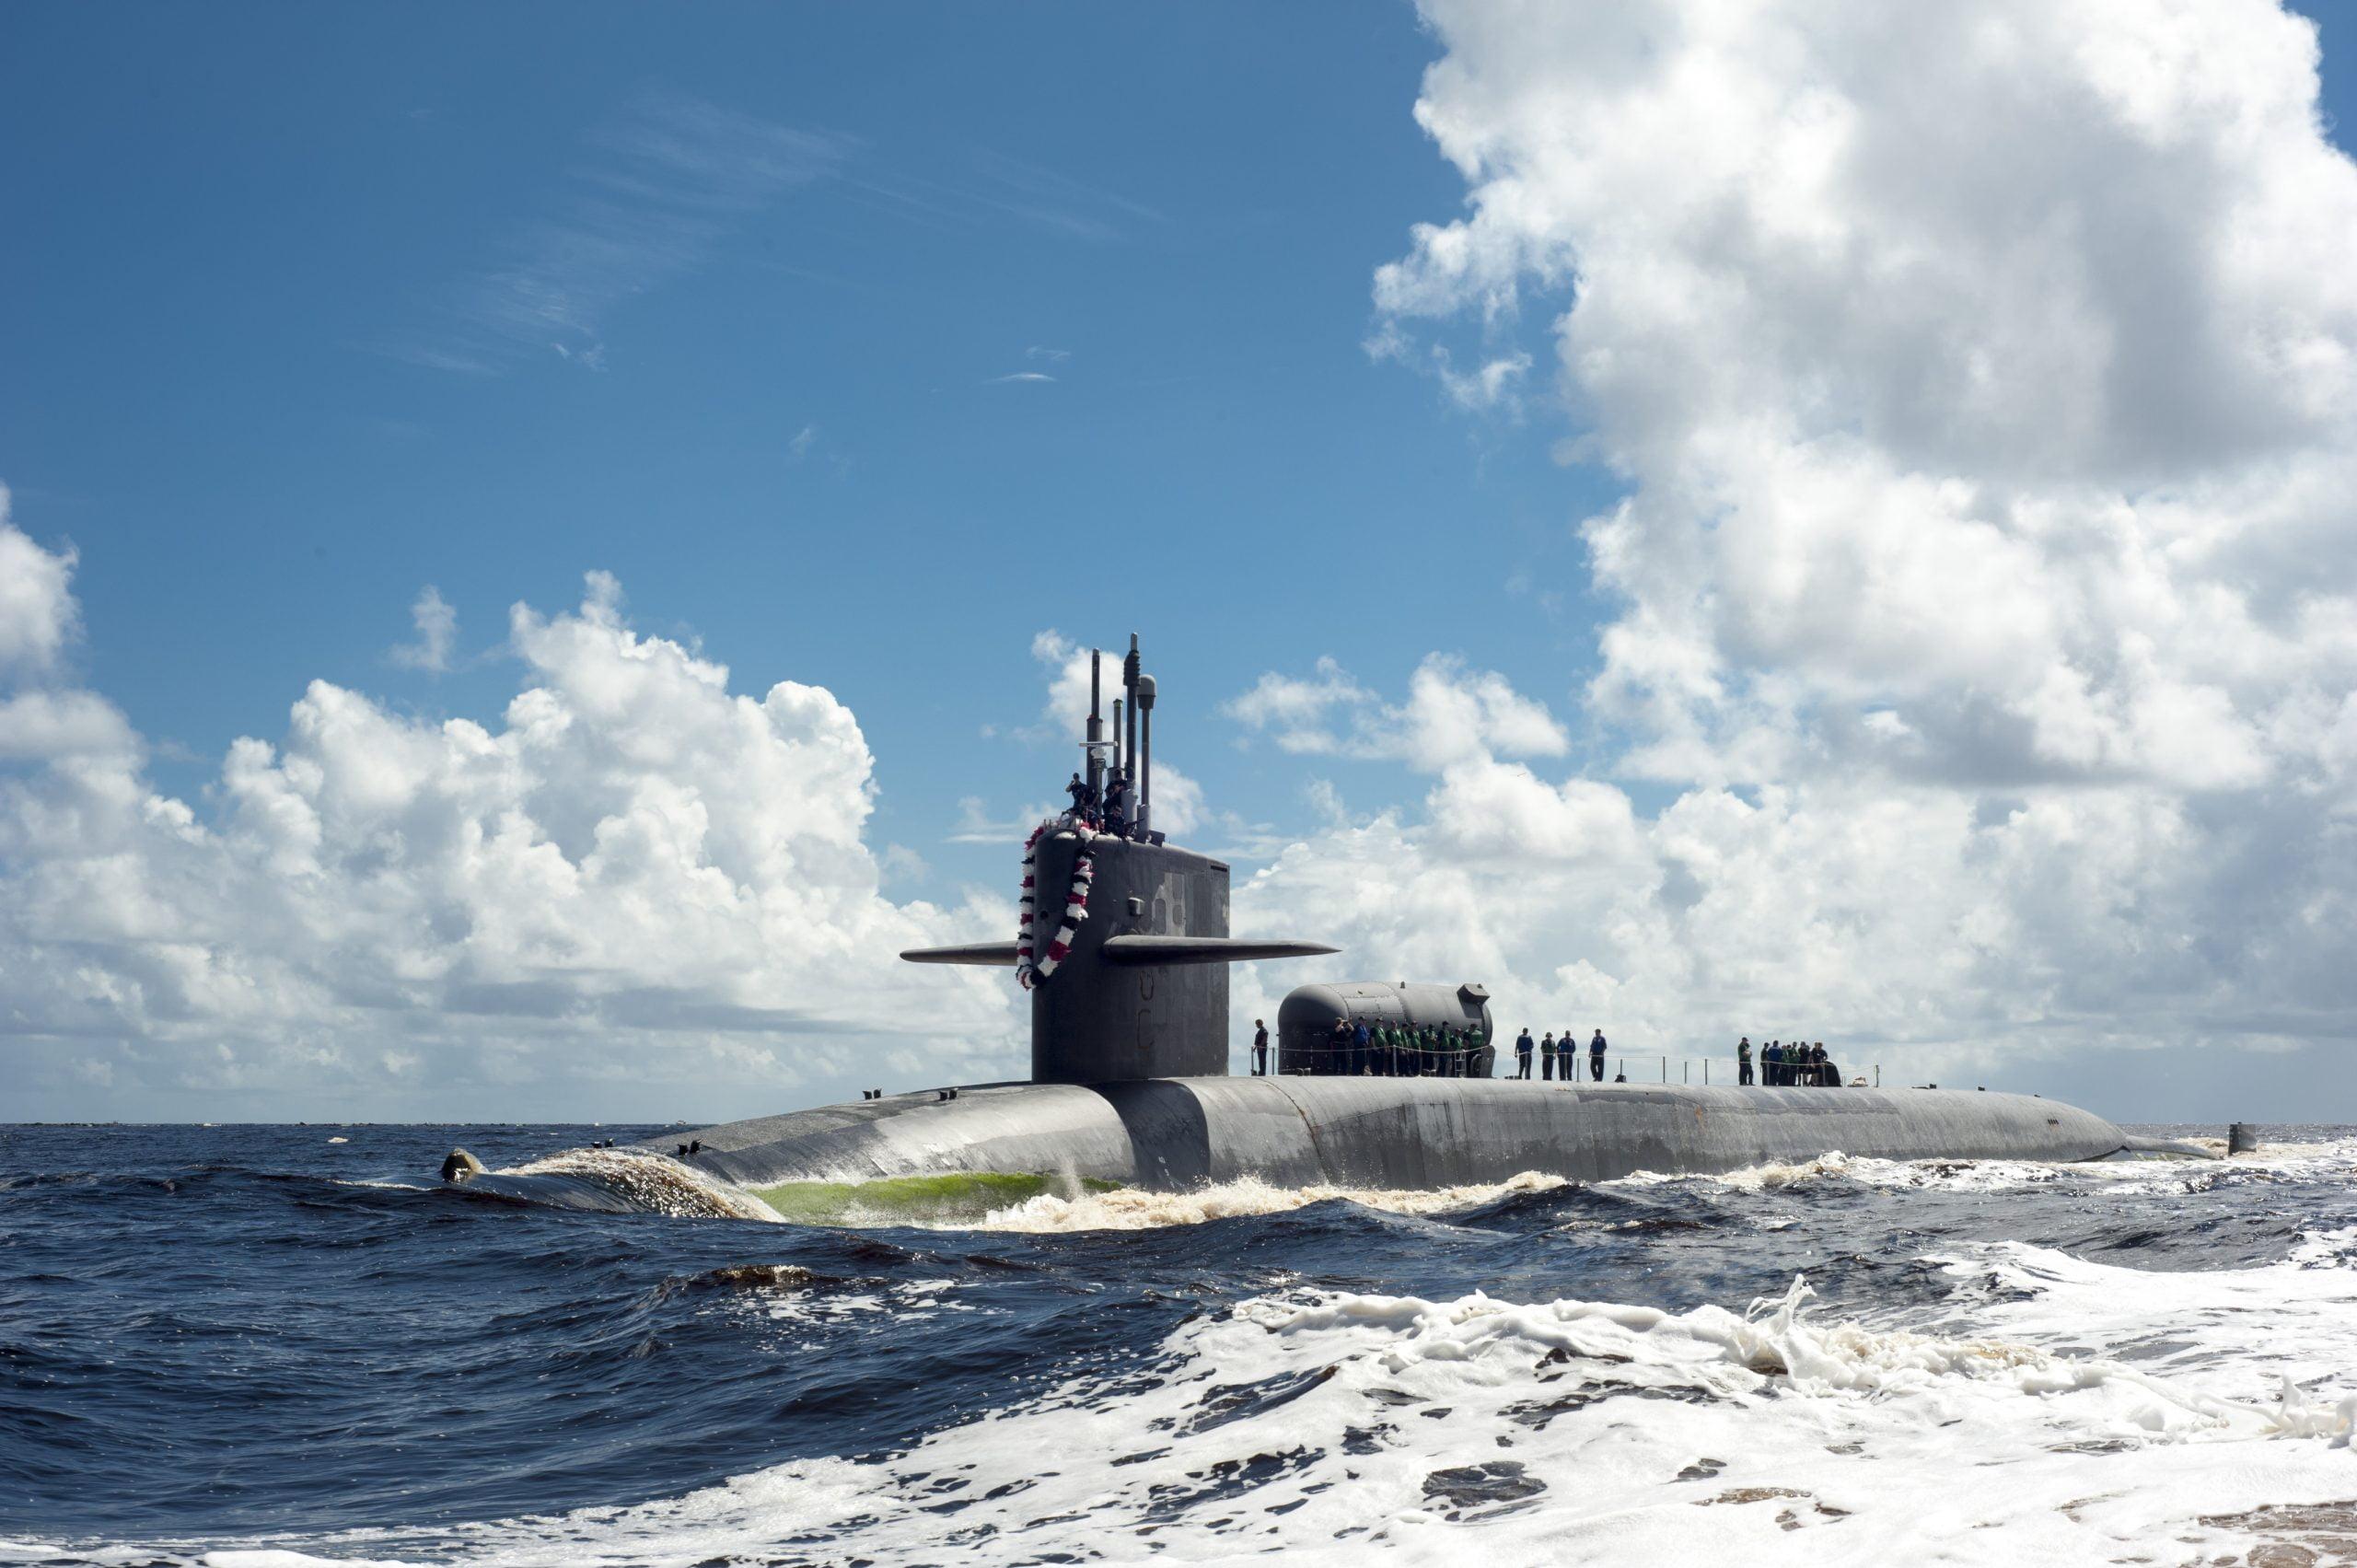 Οι ΗΠΑ στέλνουν πυρηνοκίνητο υποβρύχιο στον Περσικό Κόλπο – Μήνυμα προς το Ιράν